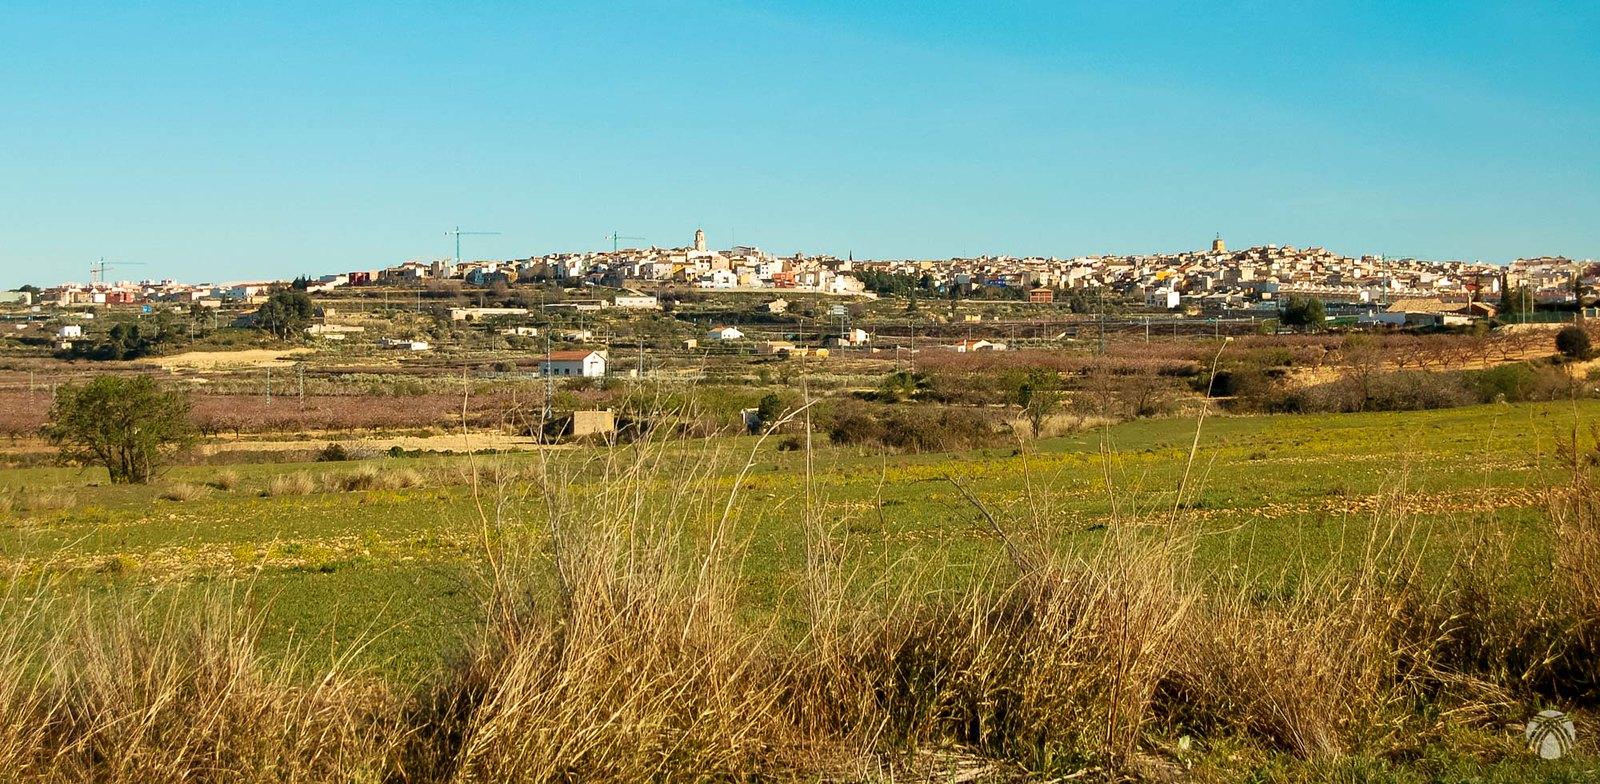 El pueblo de Bullas. Un lugar encantador